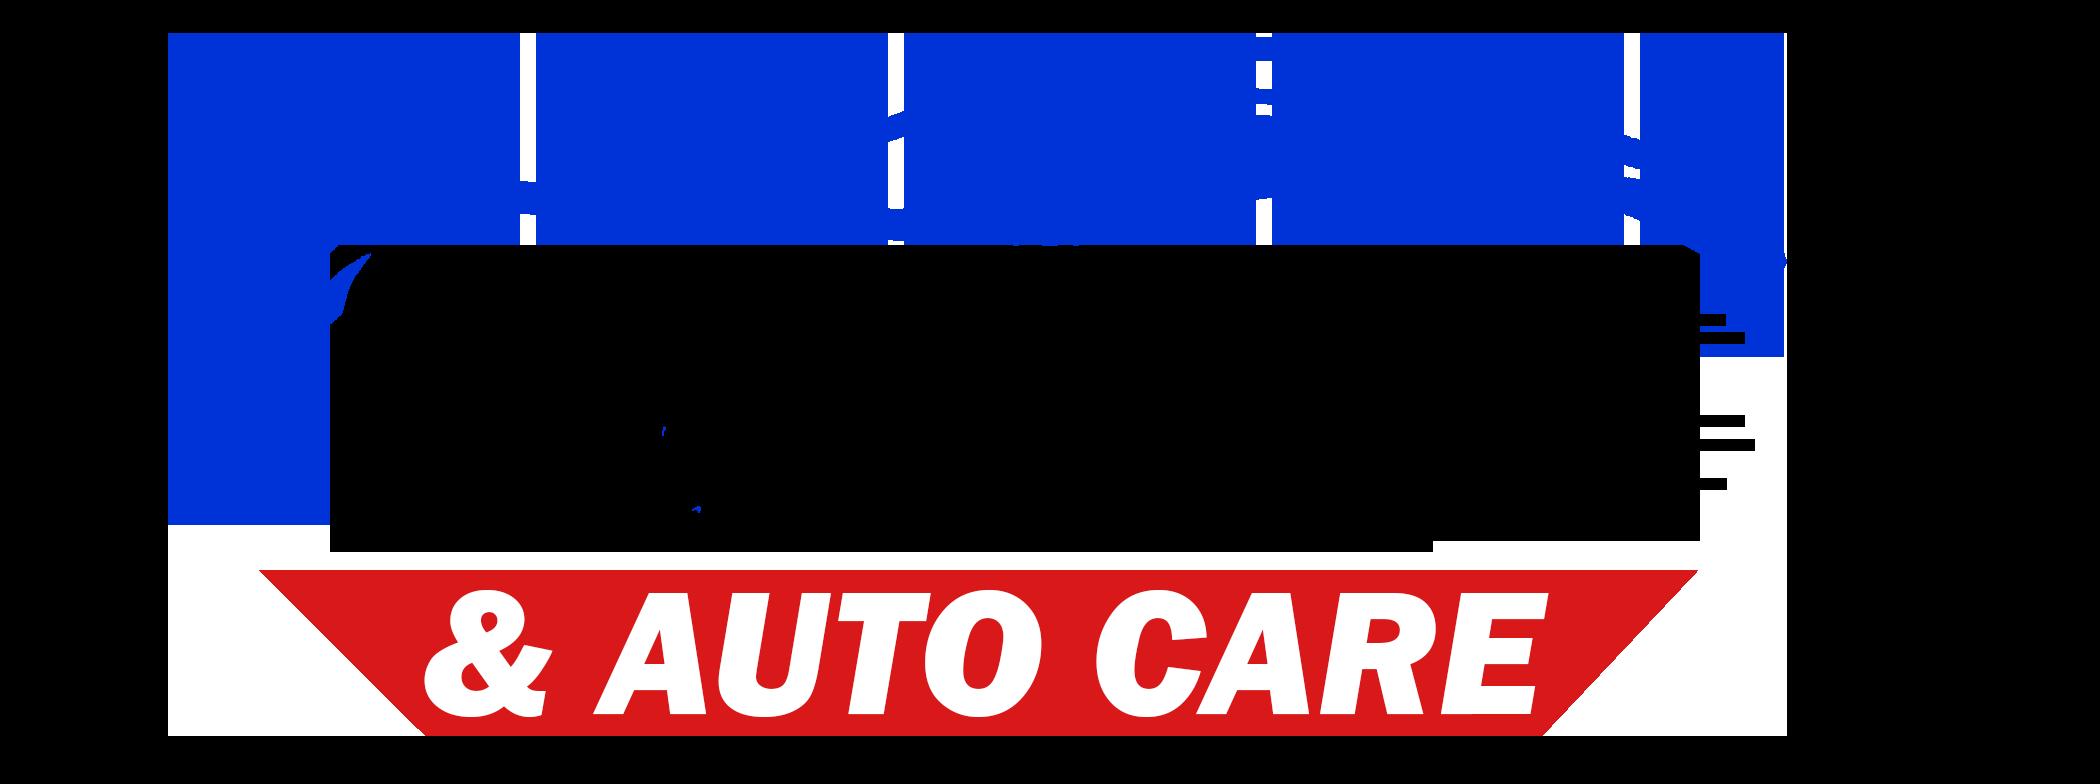 automobile care near me